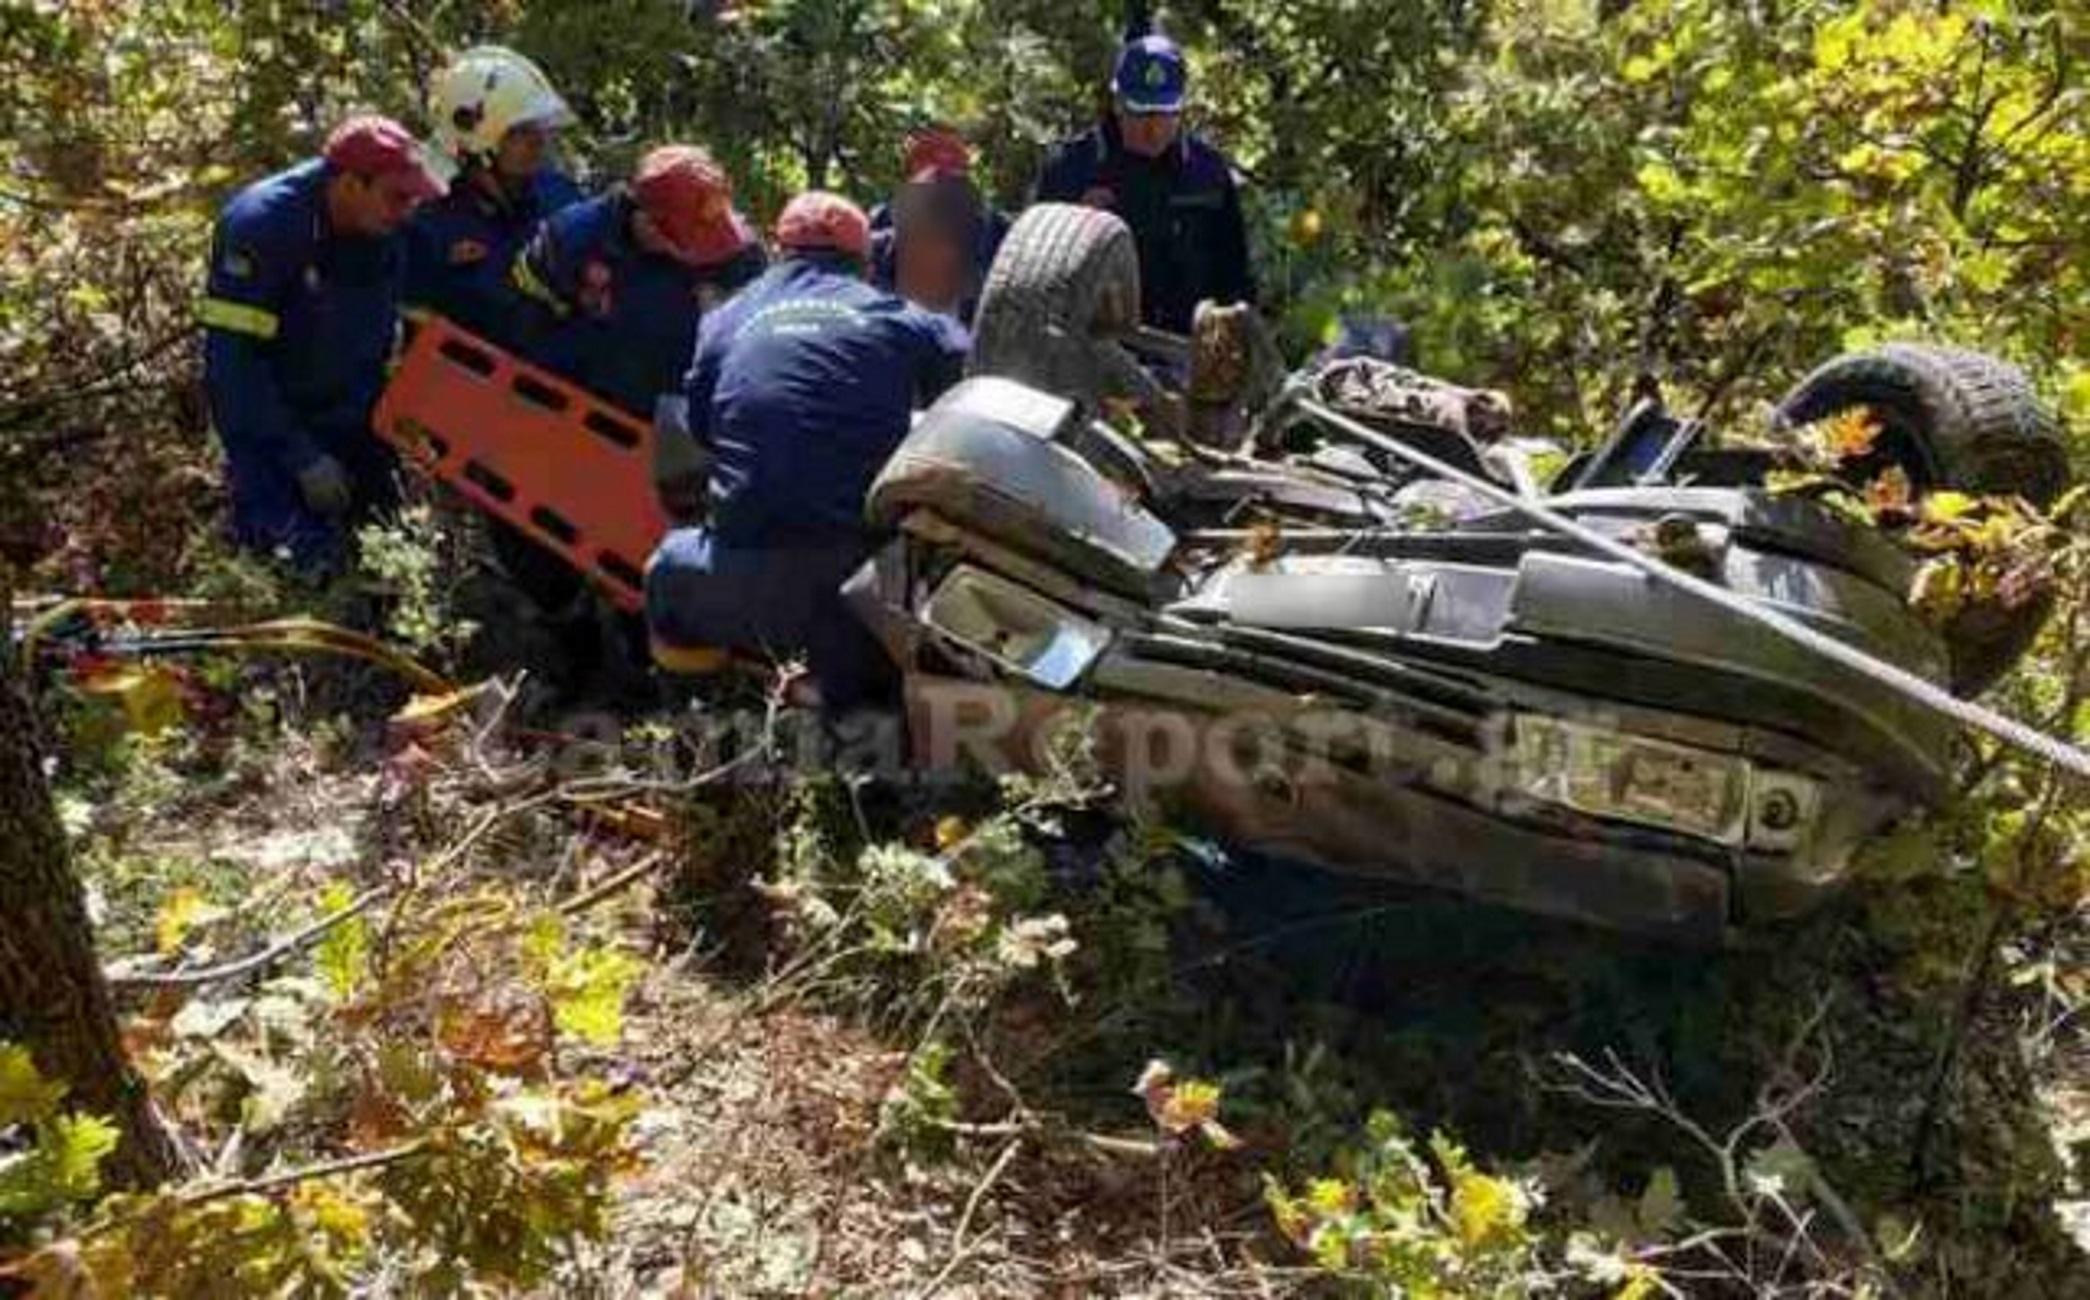 Φθιώτιδα: Αυτοκίνητο έπεσε σε χαράδρα – Τραυματίστηκαν σοβαρά δύο άτομα – Διαλύθηκε το ΙΧ [pics]